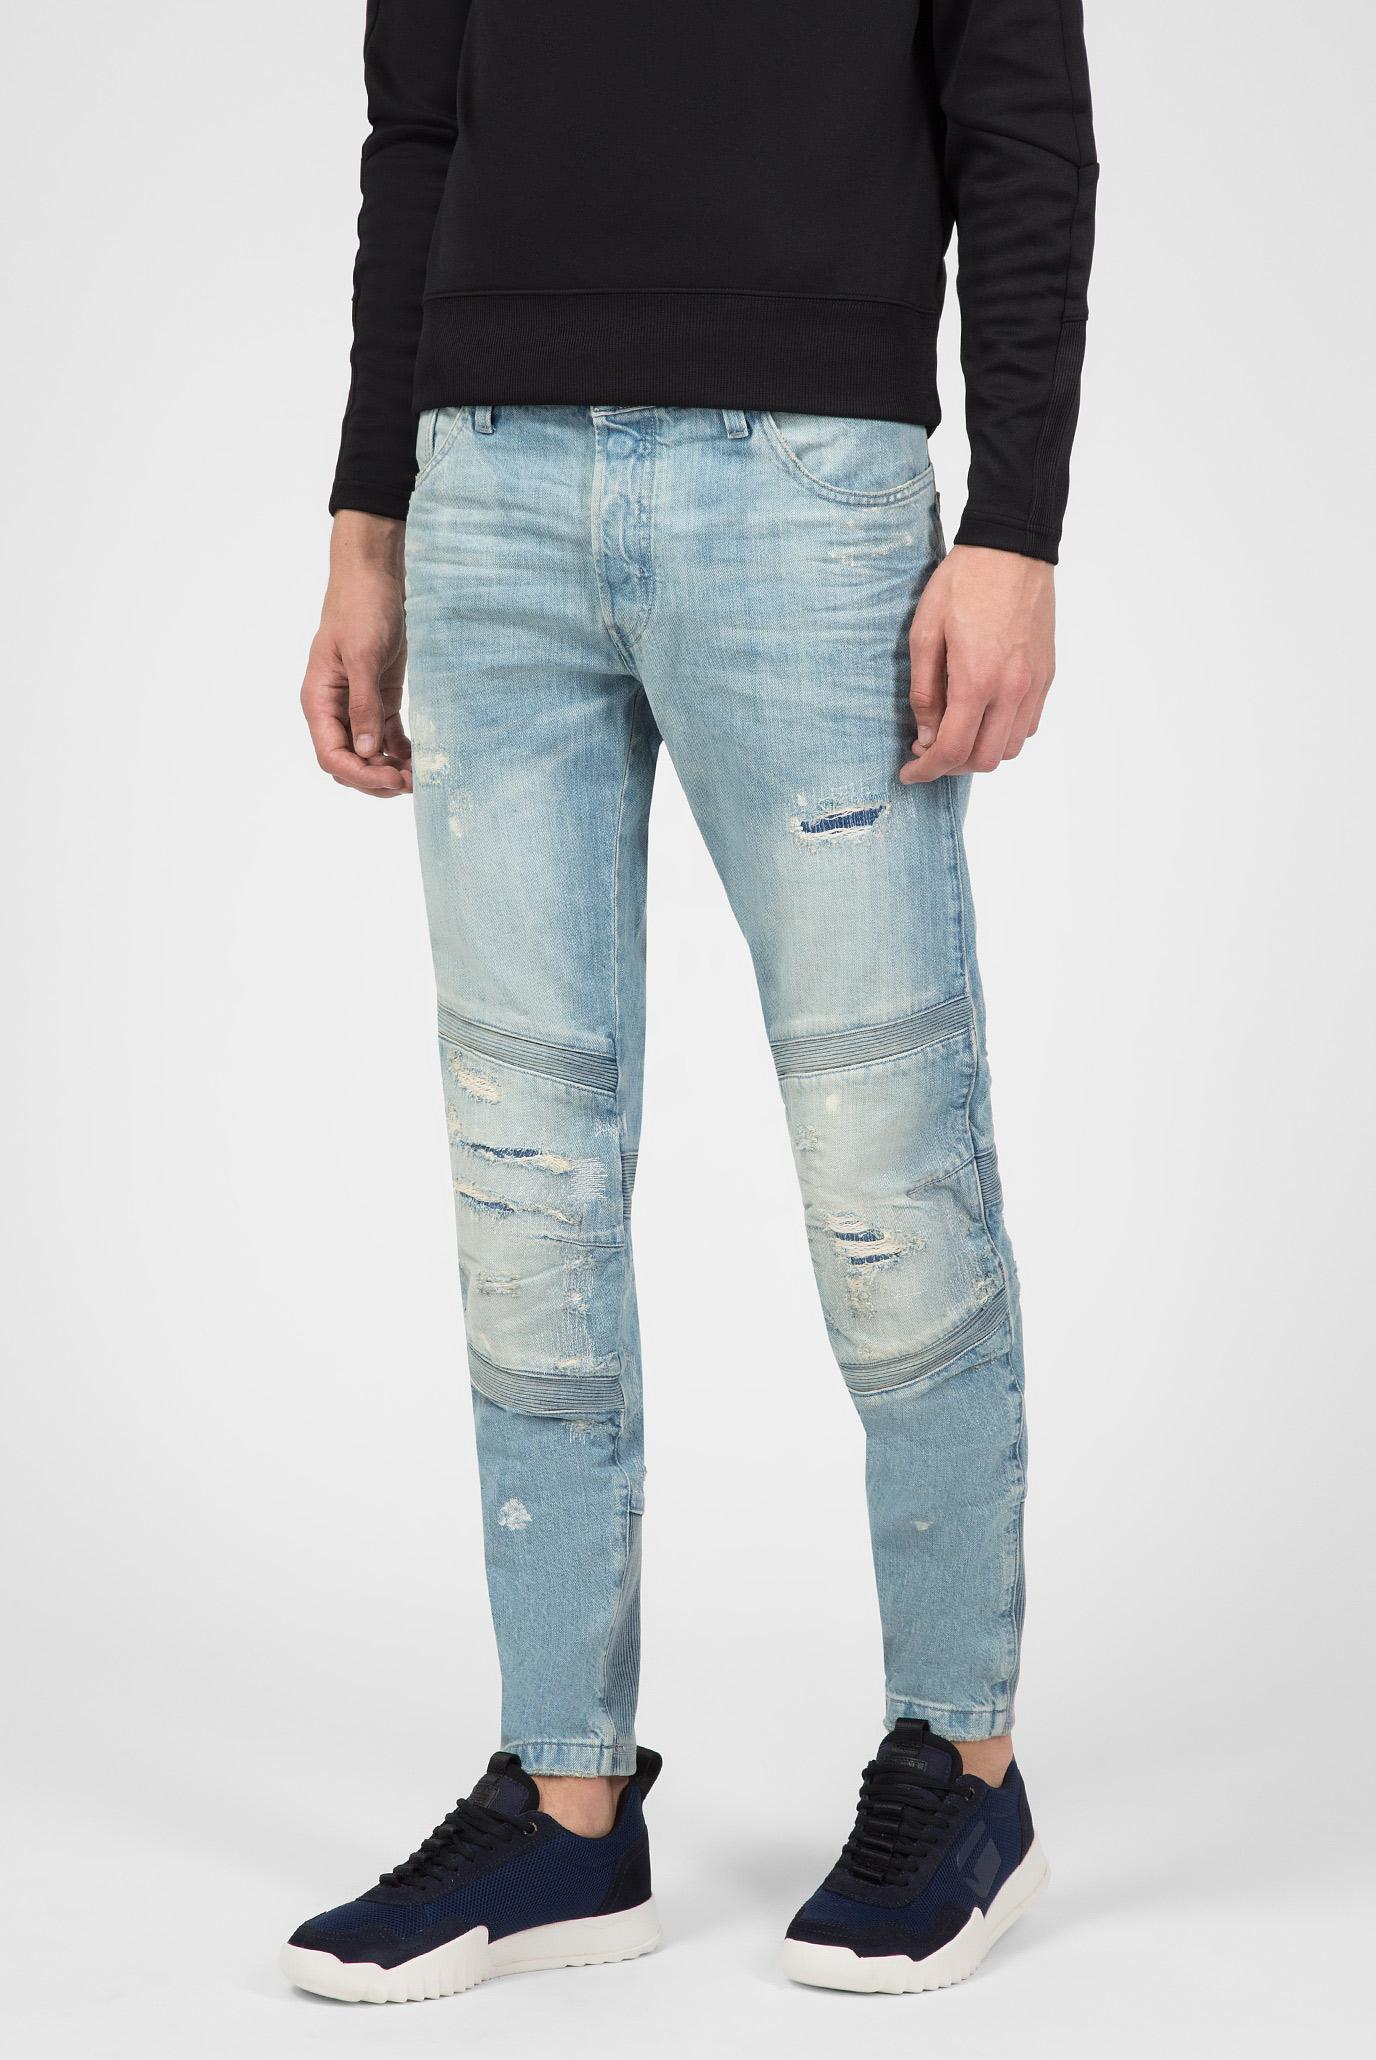 Купить Мужские голубые джинсы Motac Deconstructed 3D Slim G-Star RAW G-Star RAW D06154,8595 – Киев, Украина. Цены в интернет магазине MD Fashion